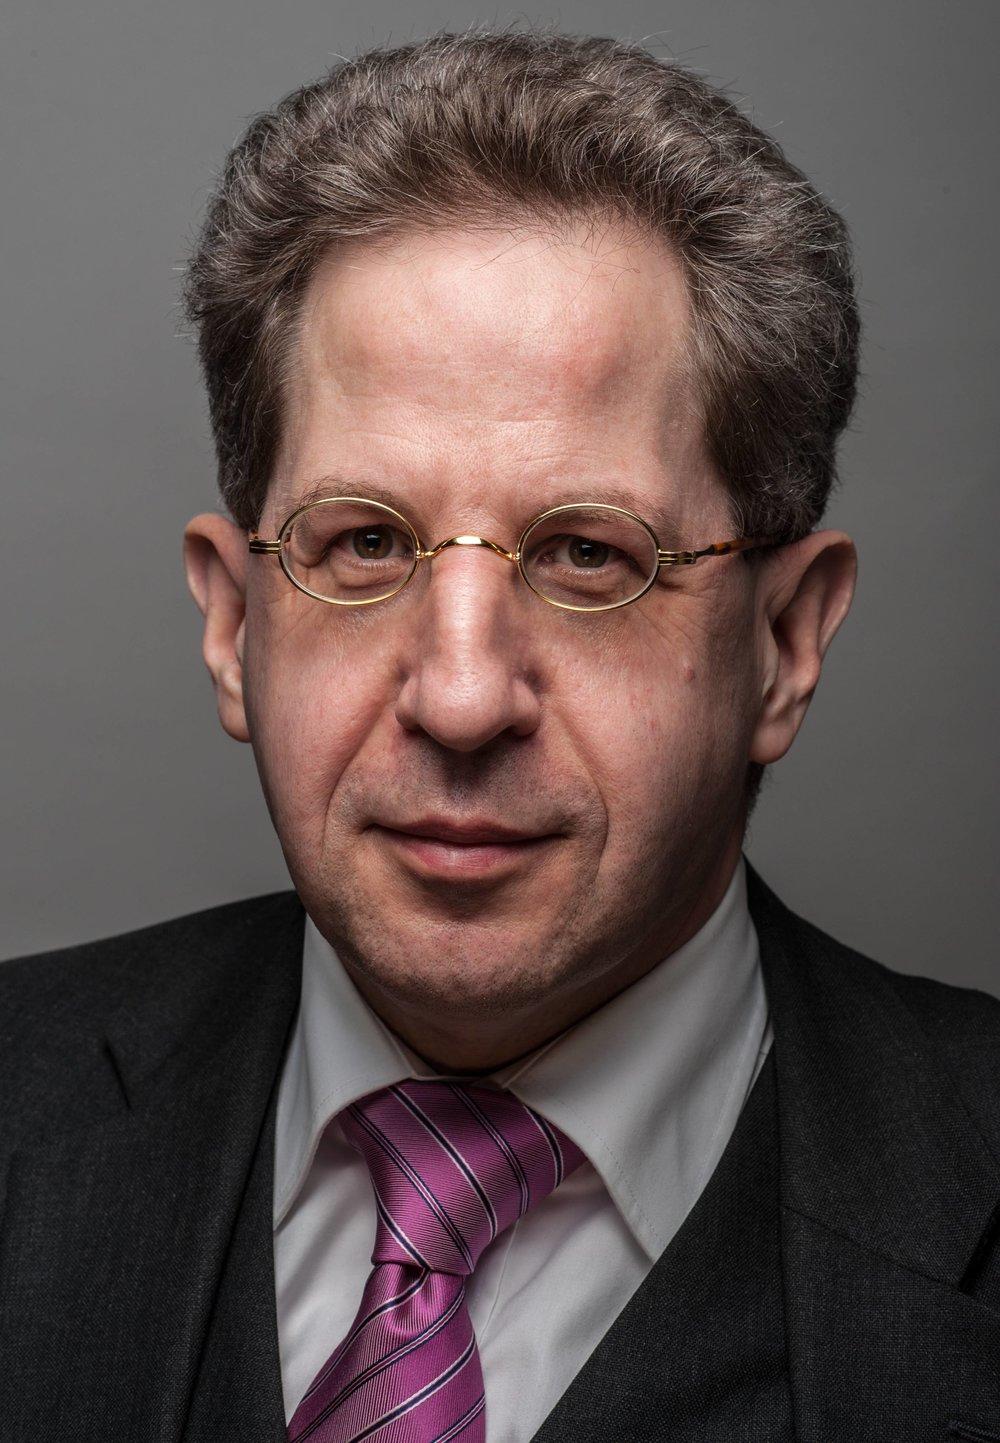 Hans-Georg Maaßen Quelle: Bundesamt für Verfassungsschutz